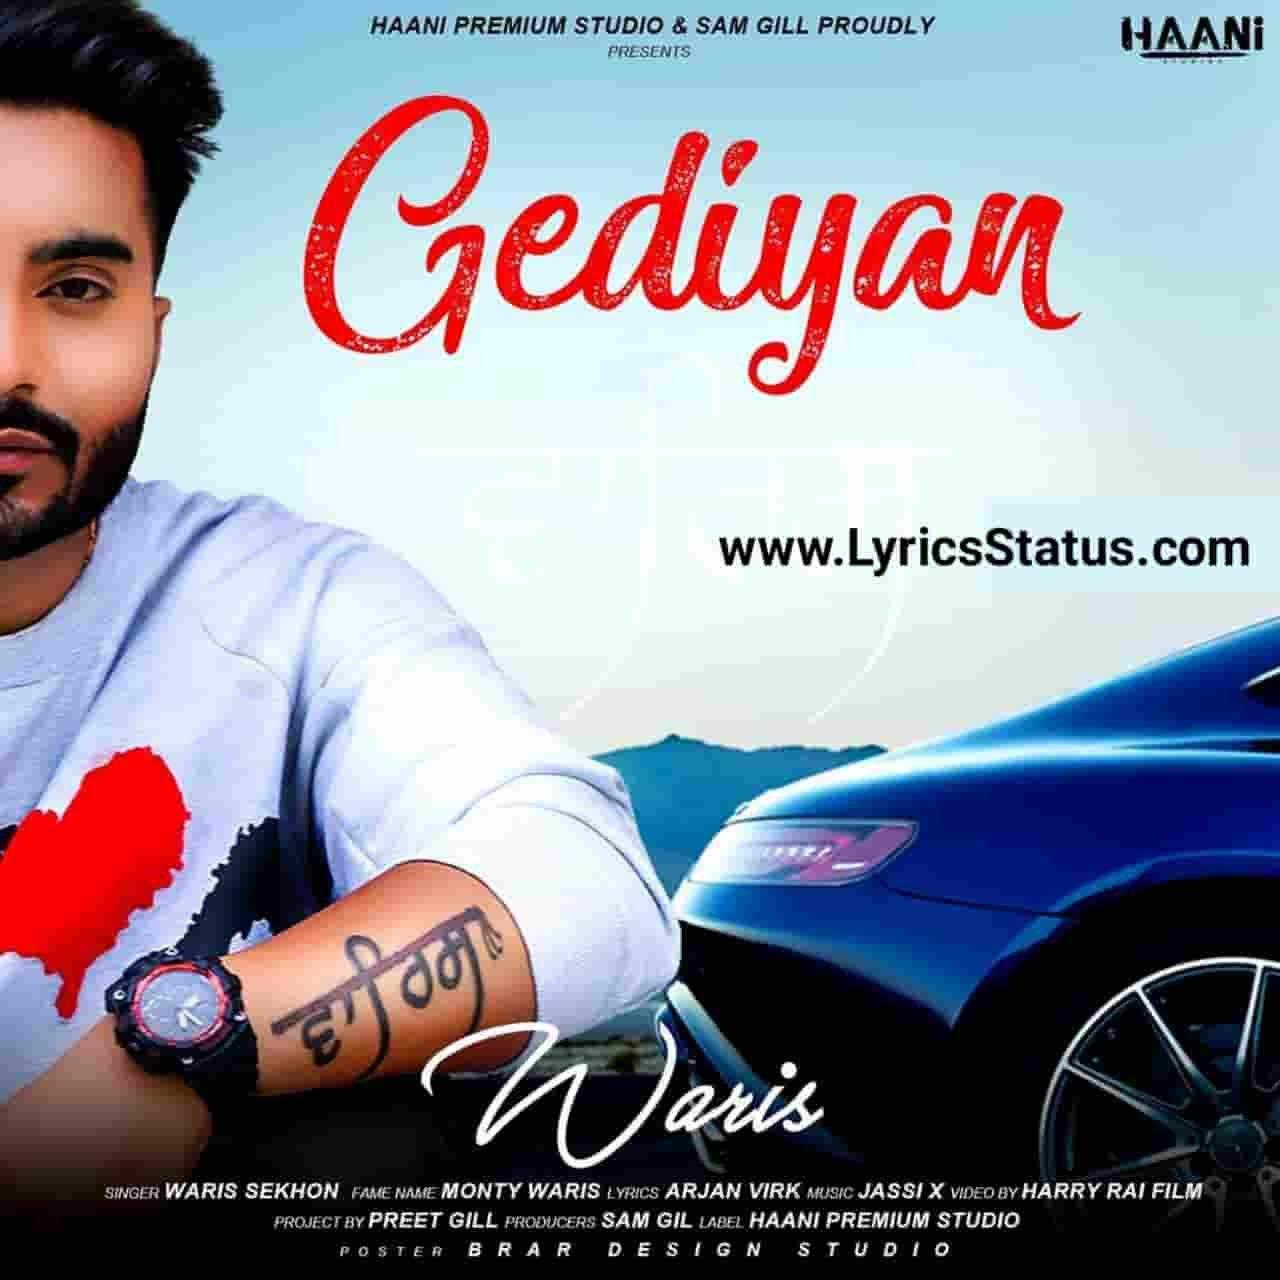 Waris Sekhon new song Gediyan Lyrics Status Download Eve sire diyan ranna to lawona Gediyan Je tu kren mainu haan Keh daan ona nu main na